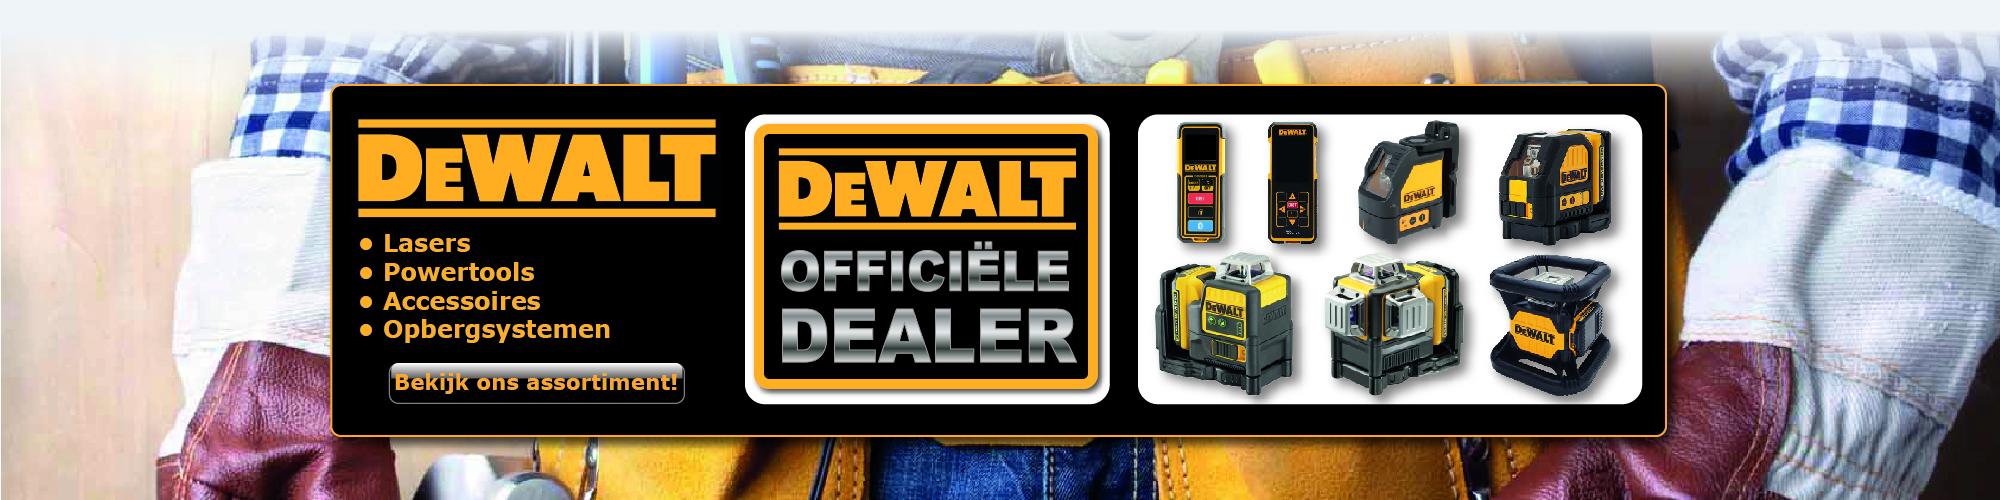 ToolProfessional.nl Professioneel gereedschap! banner 3